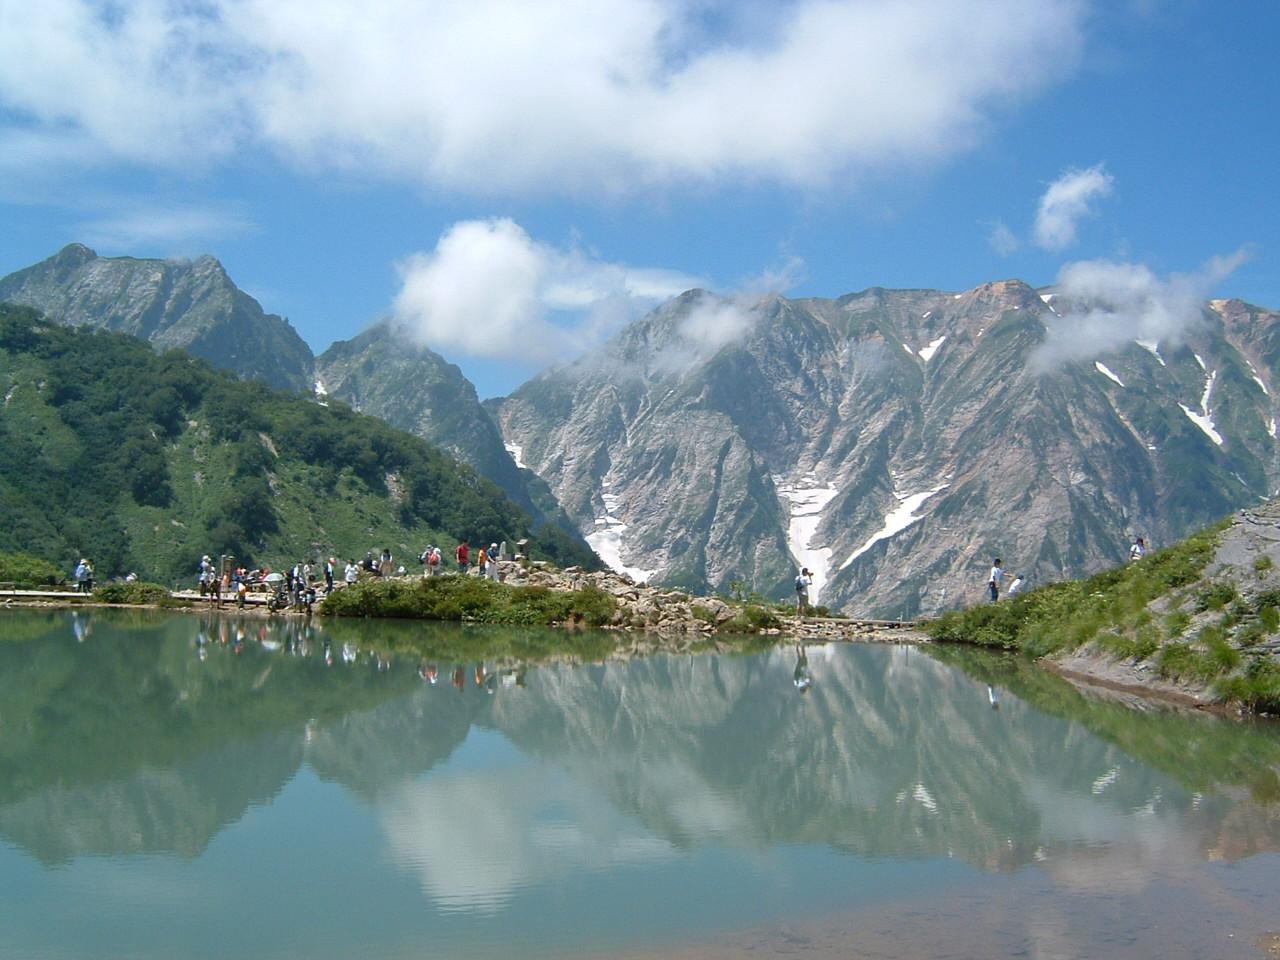 白馬観光スポット31選!温泉やグルメなど高原レジャーを満喫しよう